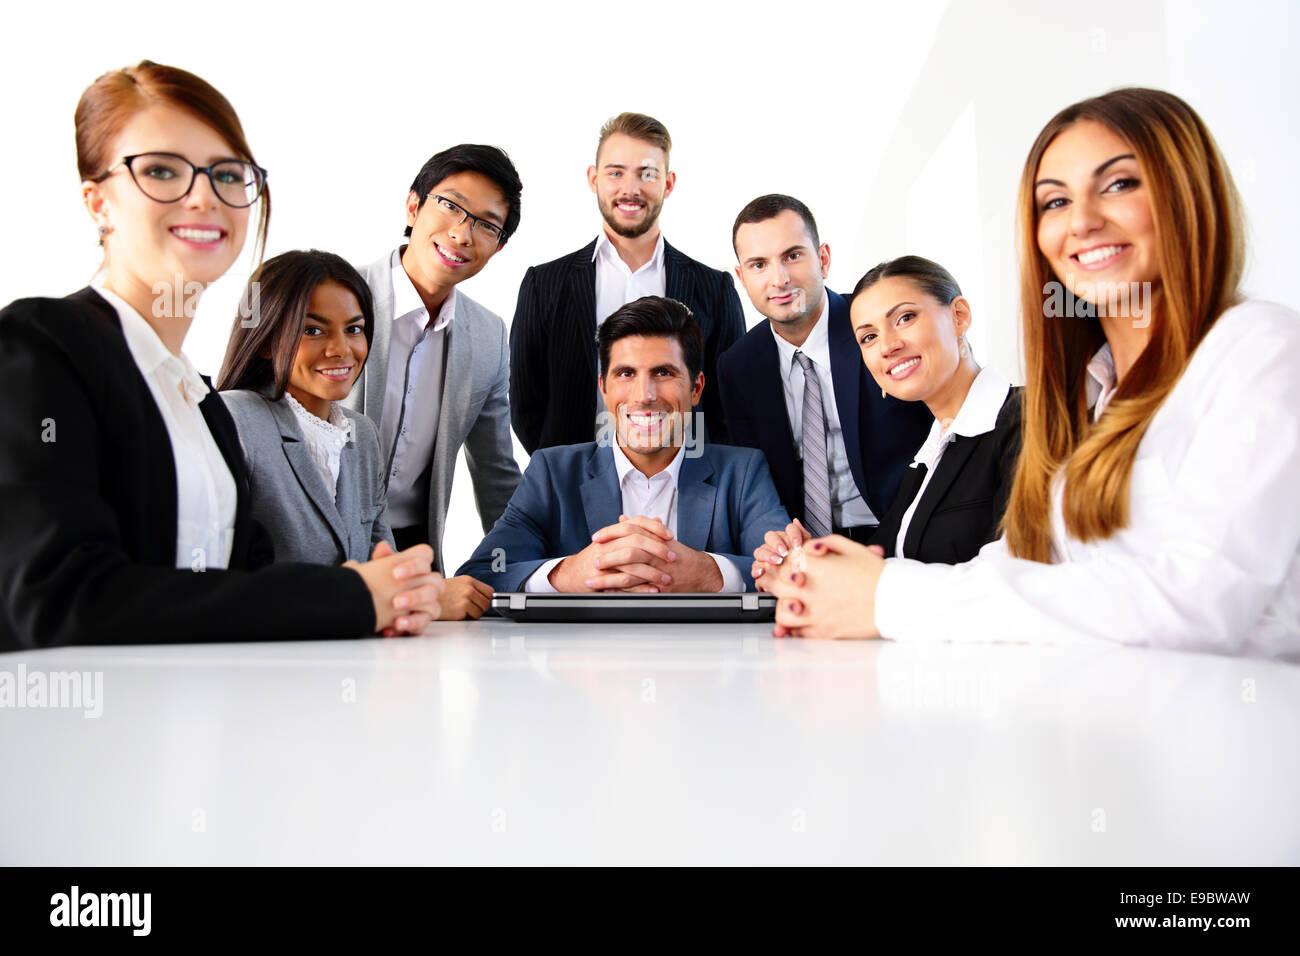 Gruppo di colleghi sorridente in ufficio Immagini Stock